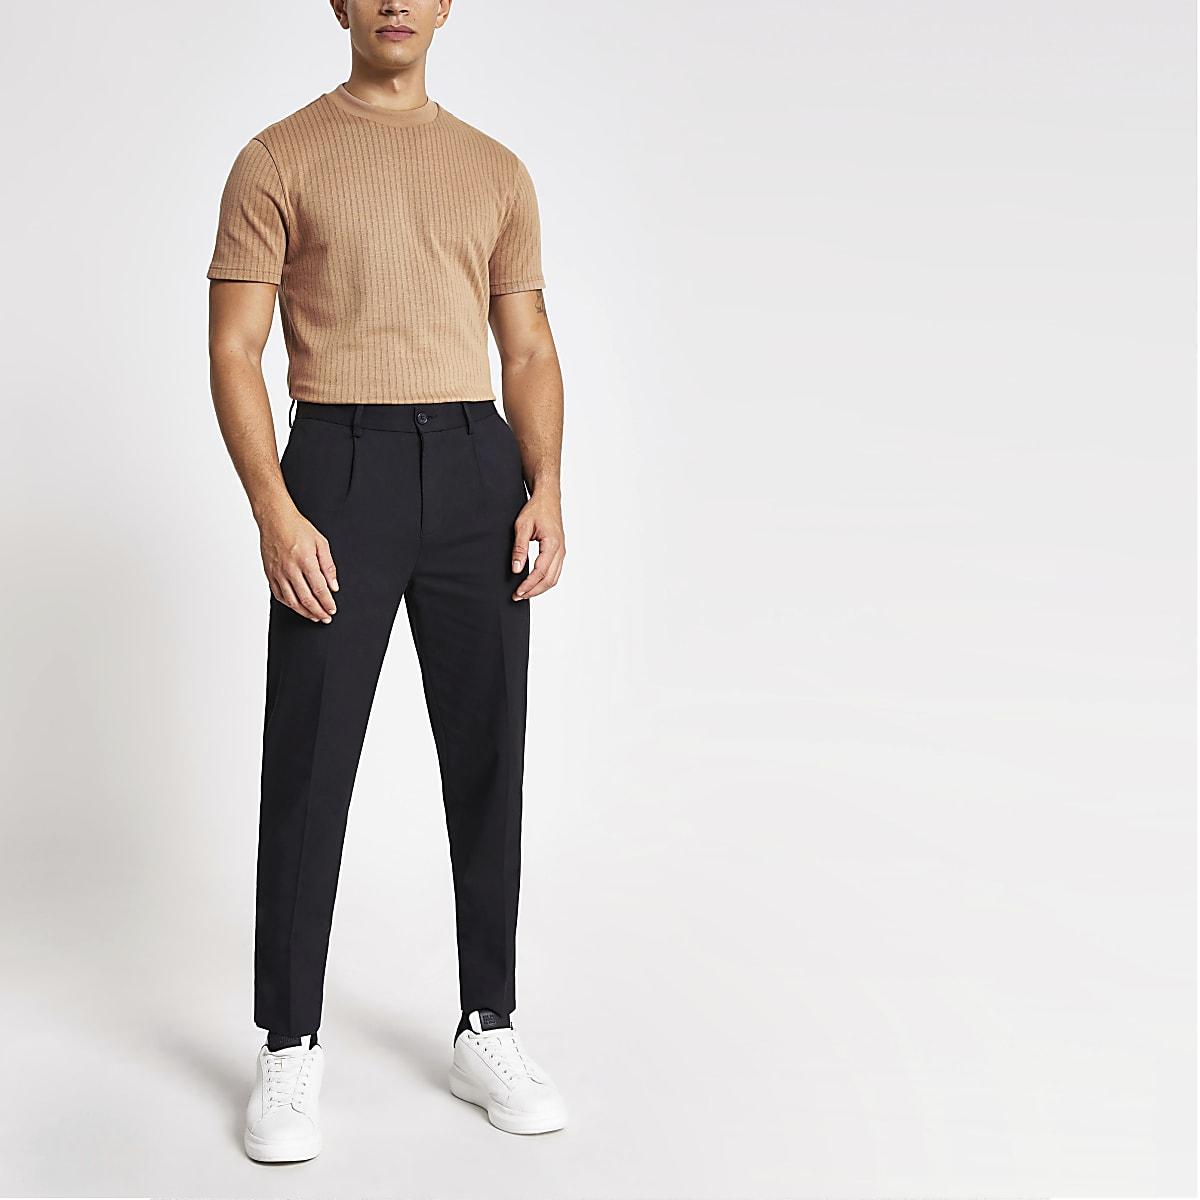 Brown tram stripe stitch slim fit T-shirt